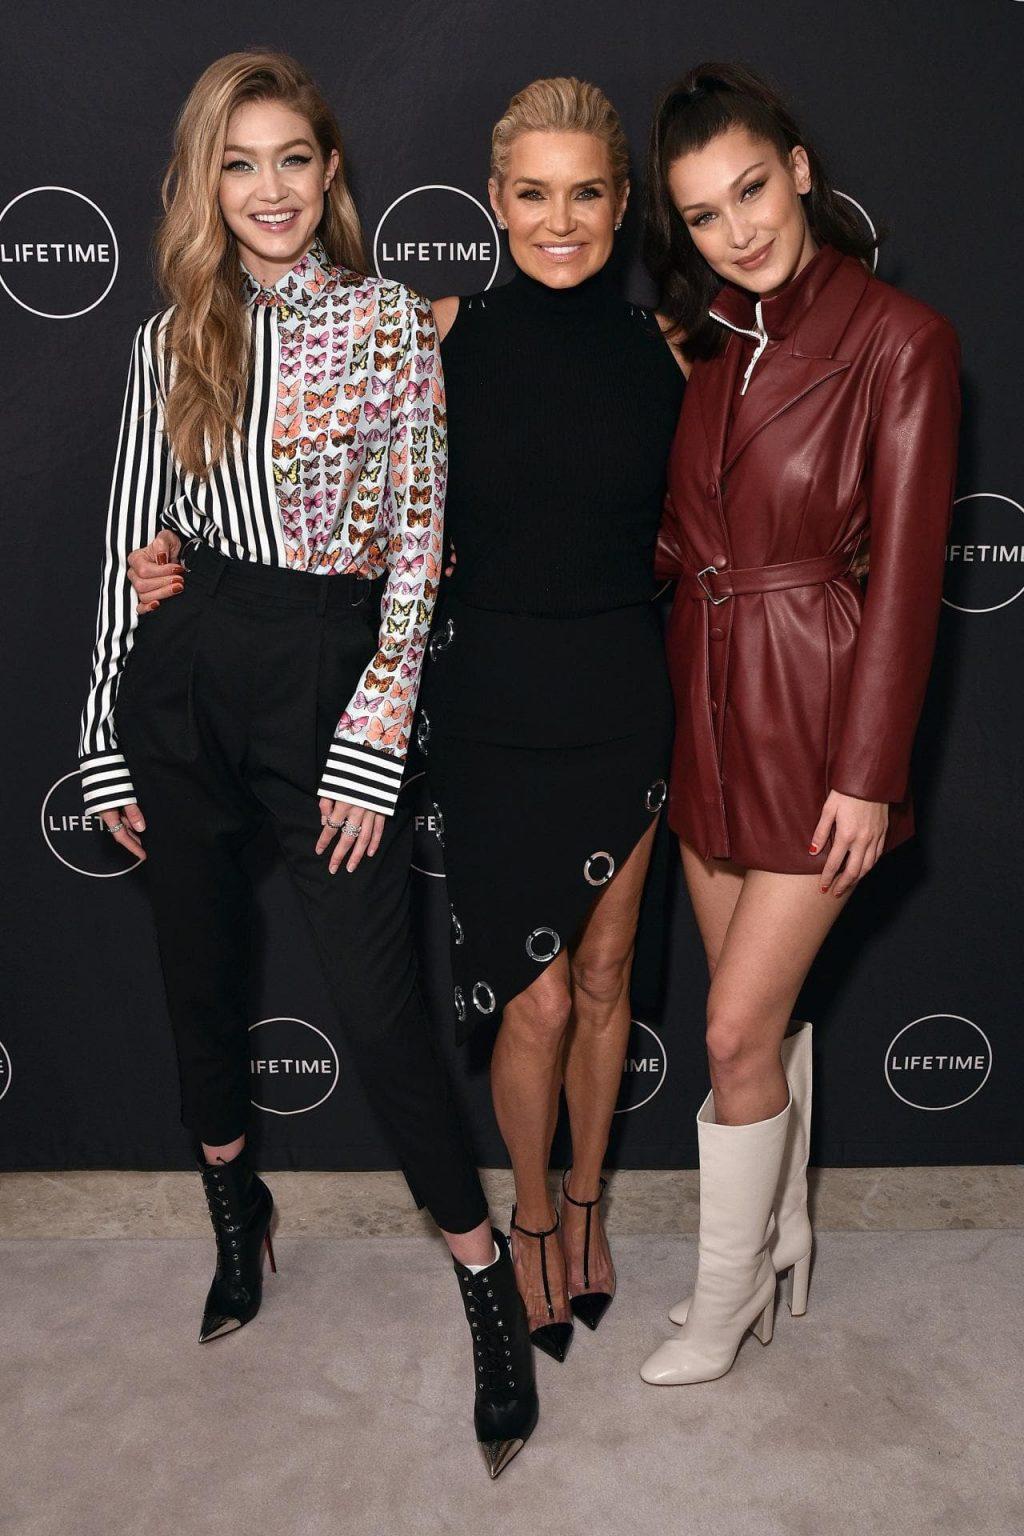 phong cách thời trang Yolanda Foster và Gigi, Bella Hadid